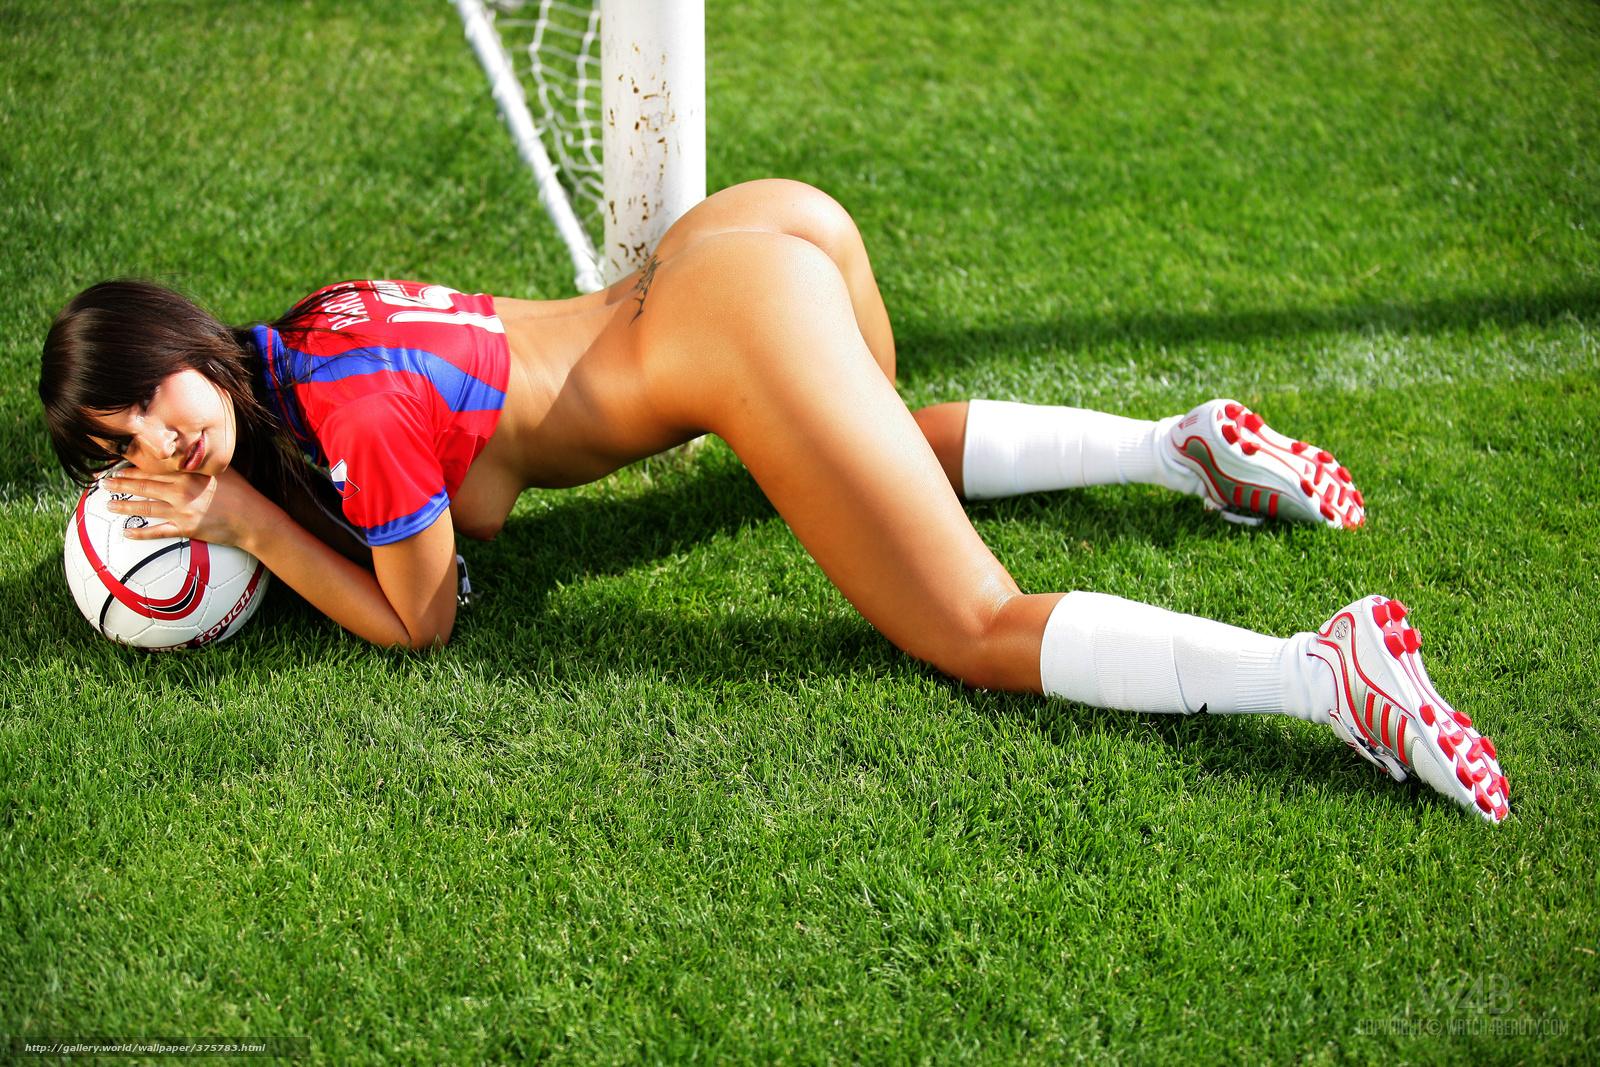 Фото девучка голая футболным мячом 5 фотография